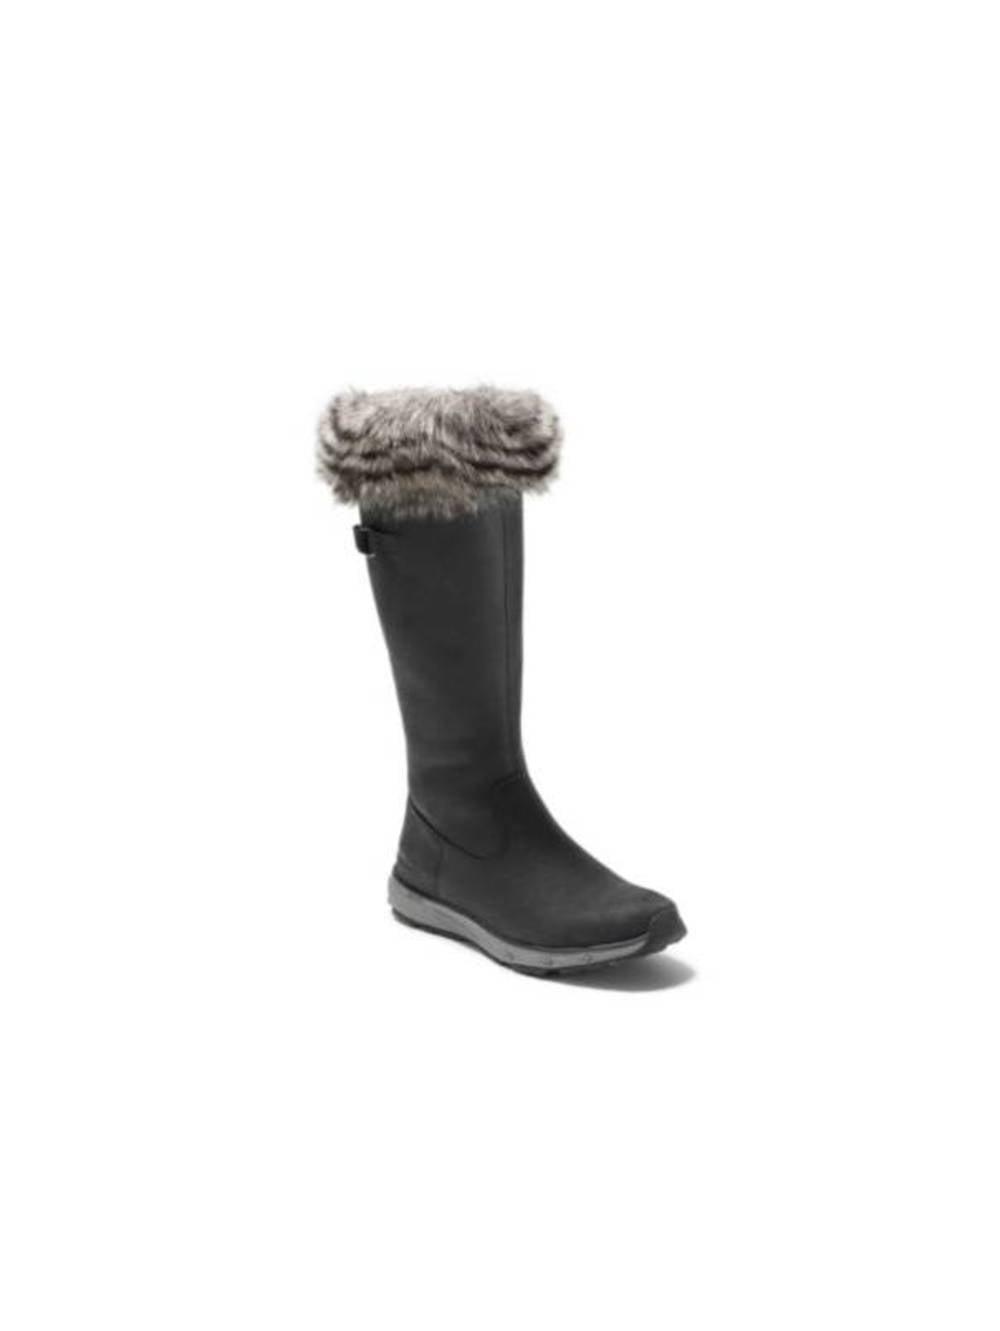 Eddie Bauer Women's Lodge Fur Boot